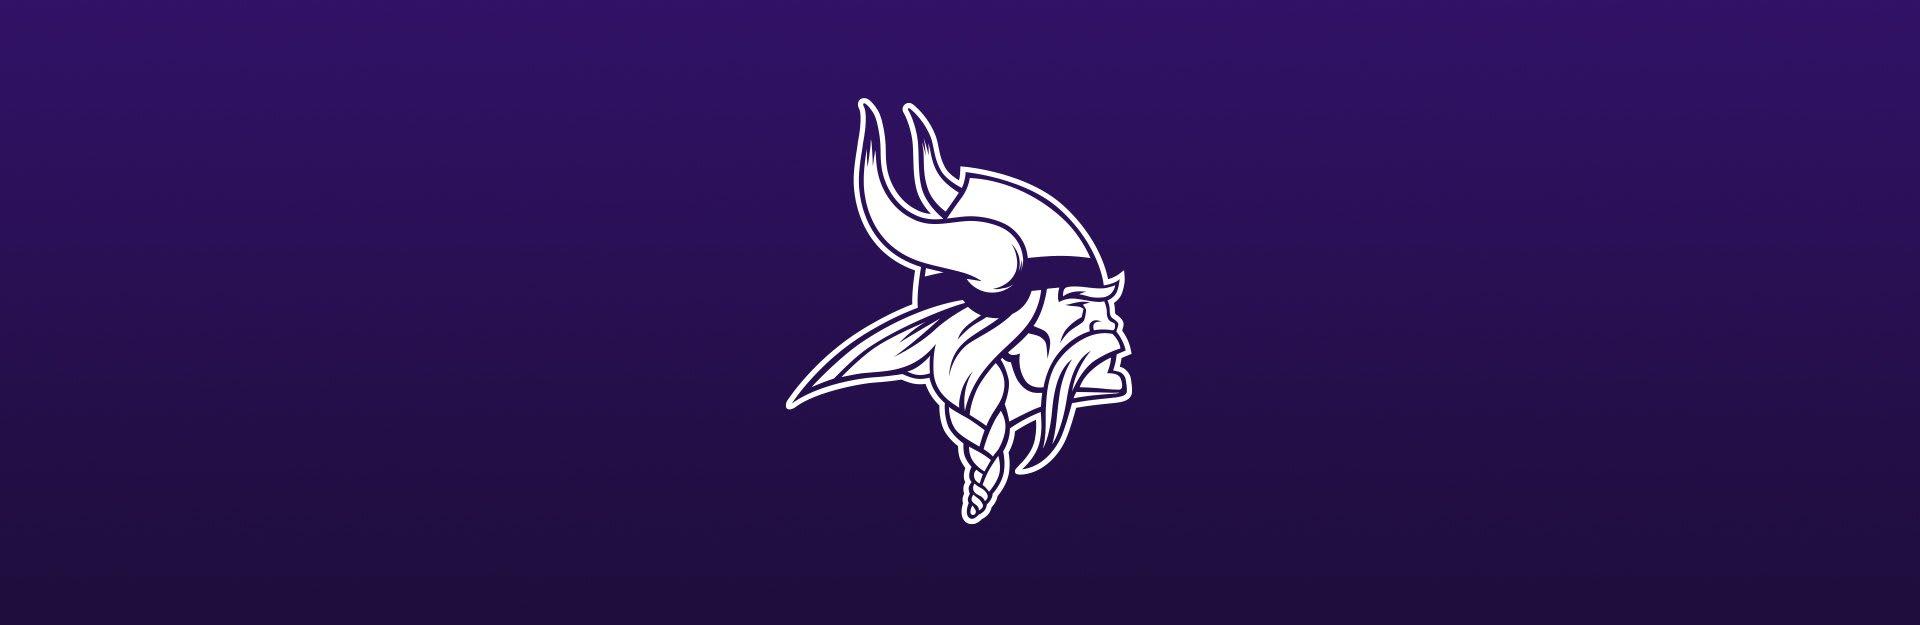 Minnesota Vikings logo on purple background